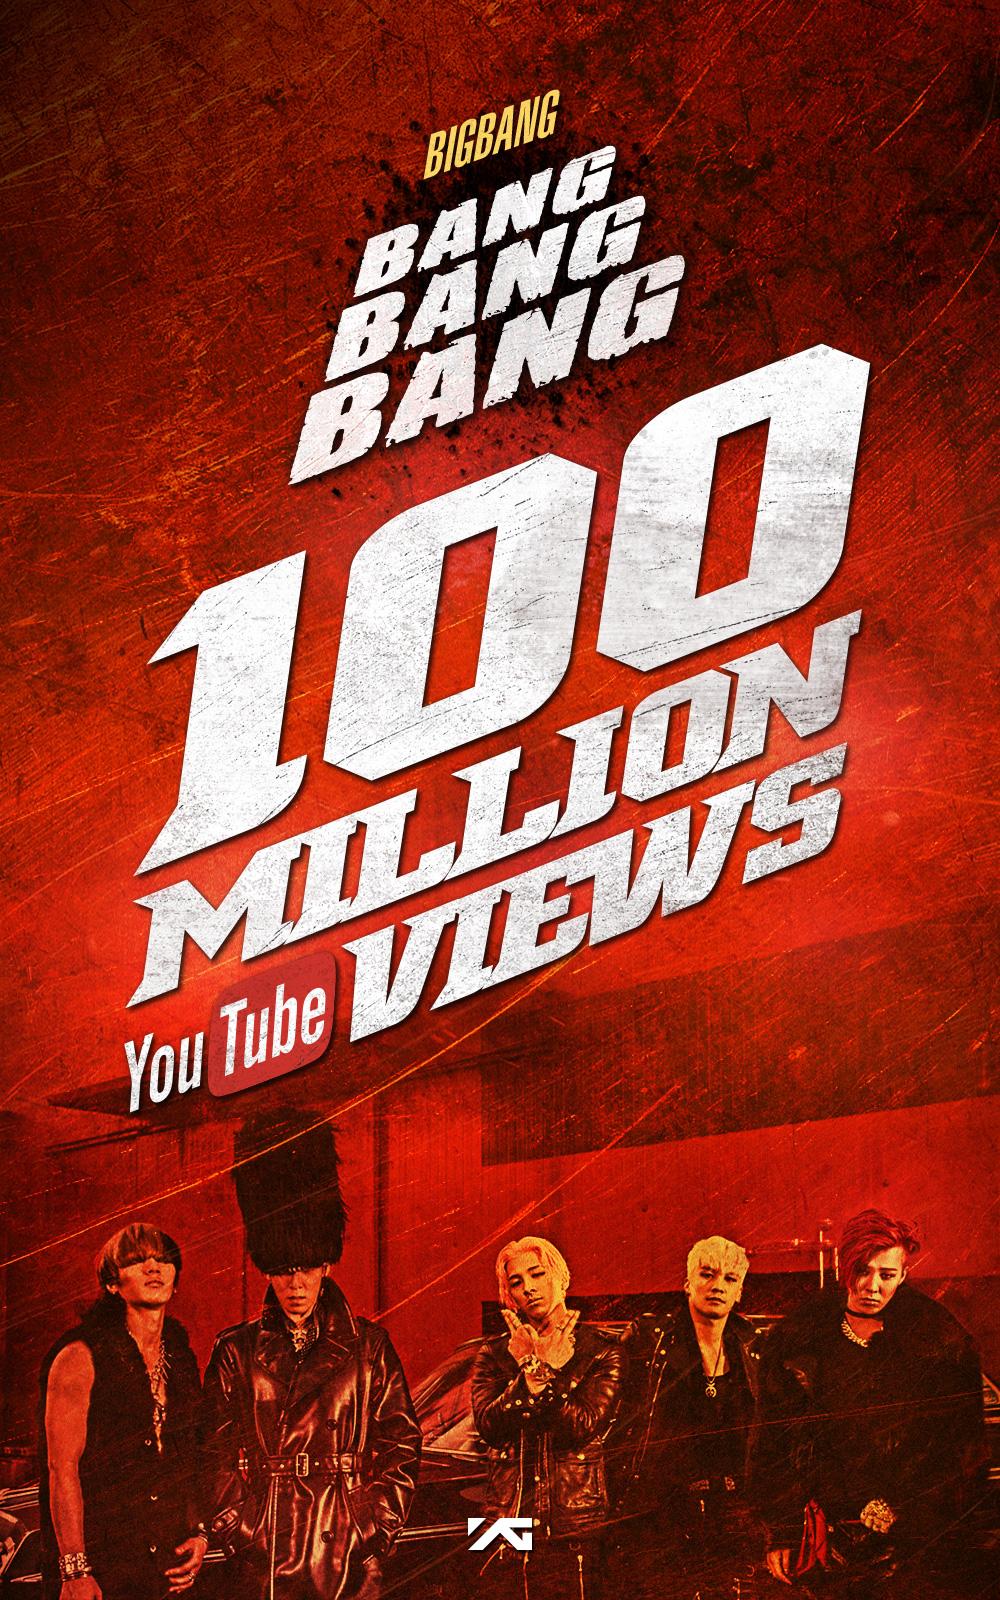 """BIGBANG's """"BANG BANG BANG"""" Reaches 100 Million Views on YouTube"""